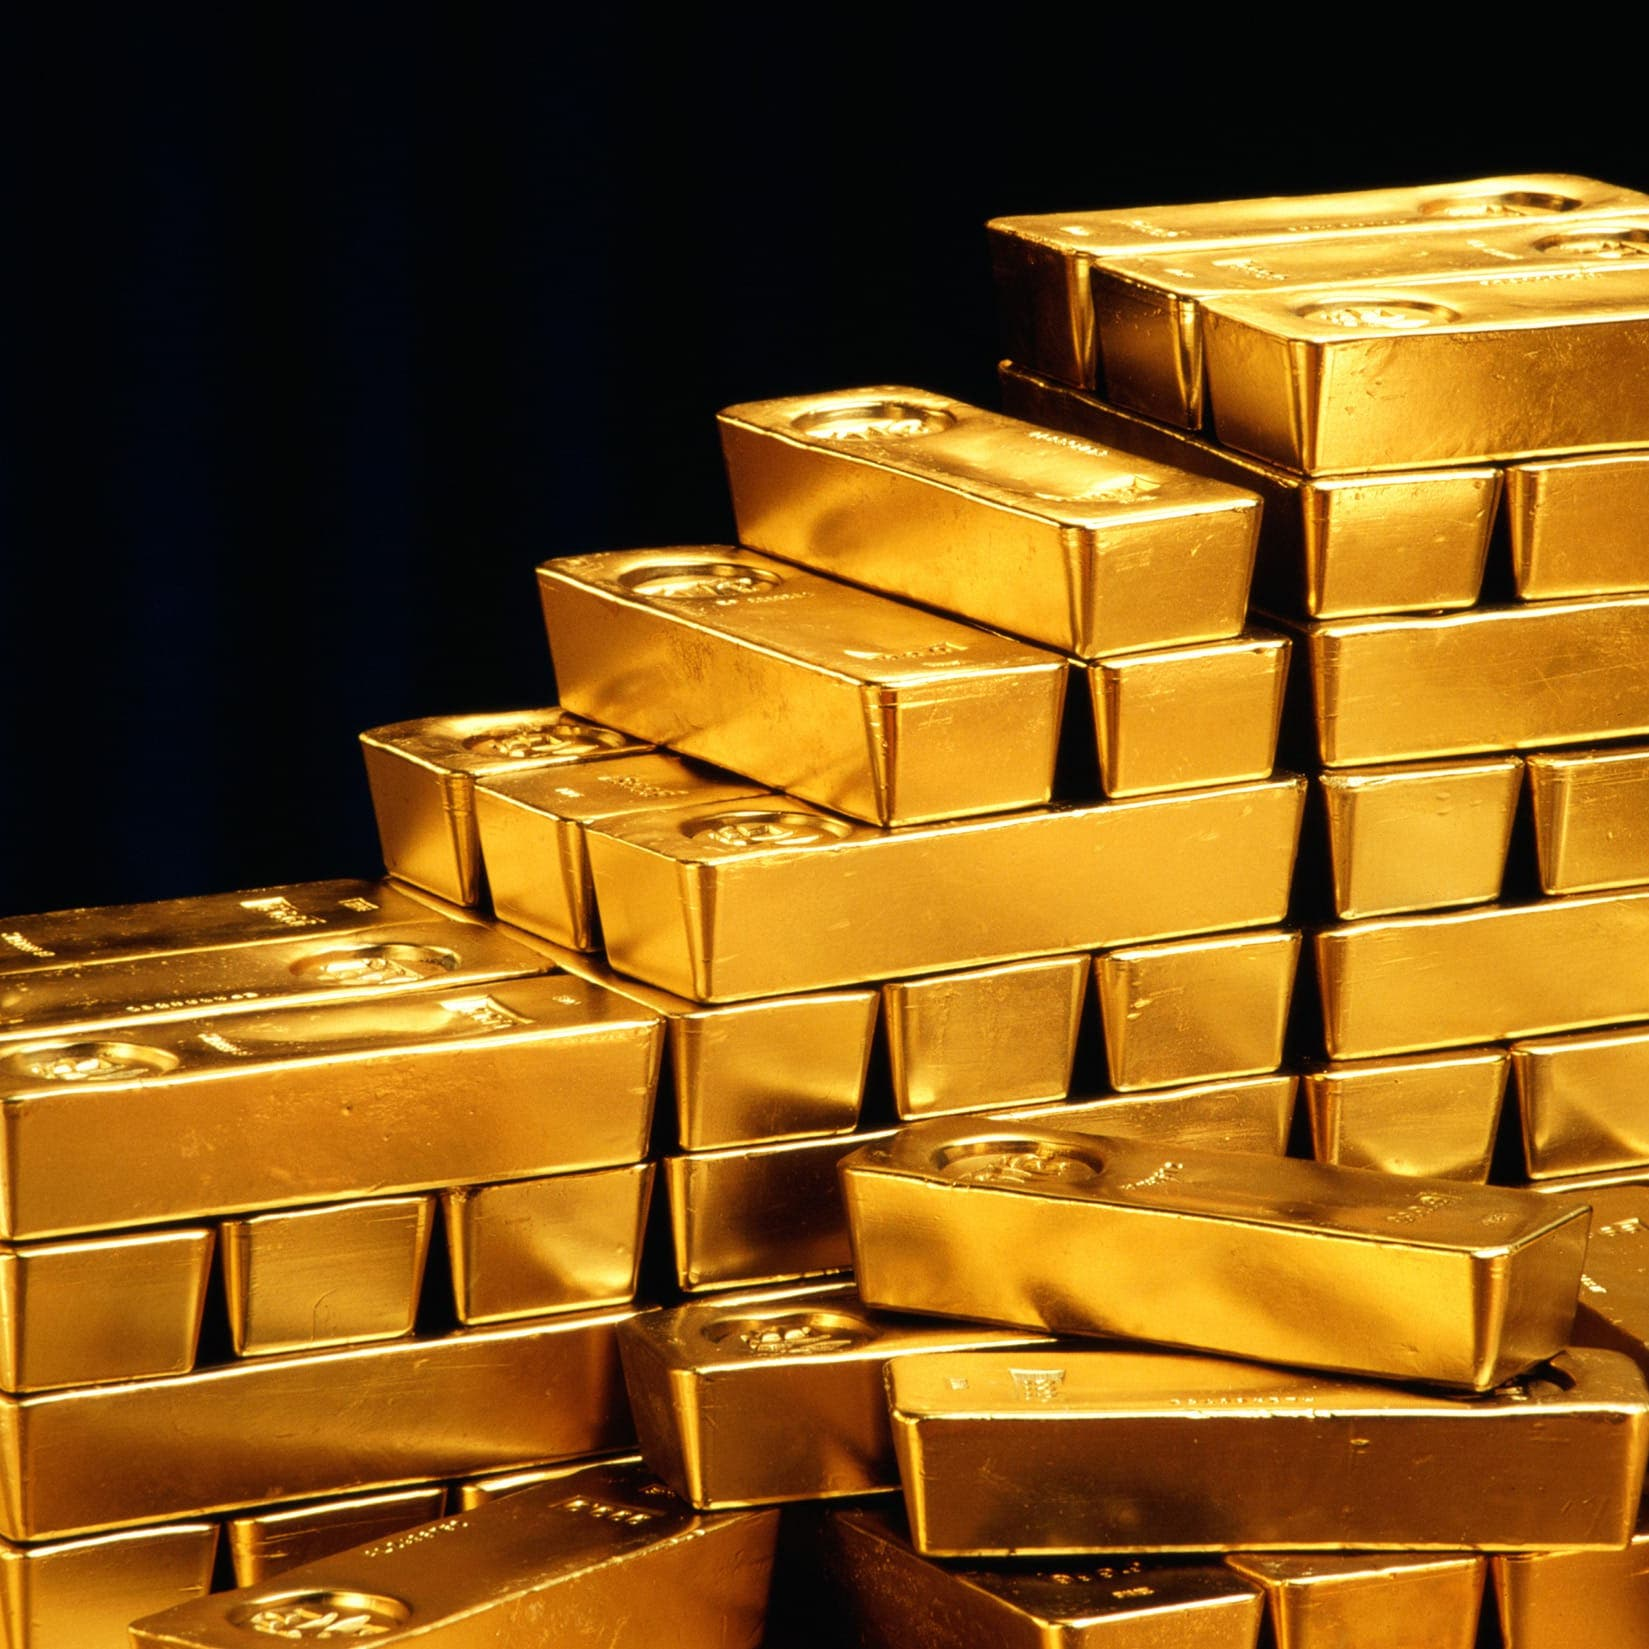 هؤلاء اشتروا 1000 طن من الذهب منذ مطلع 2020